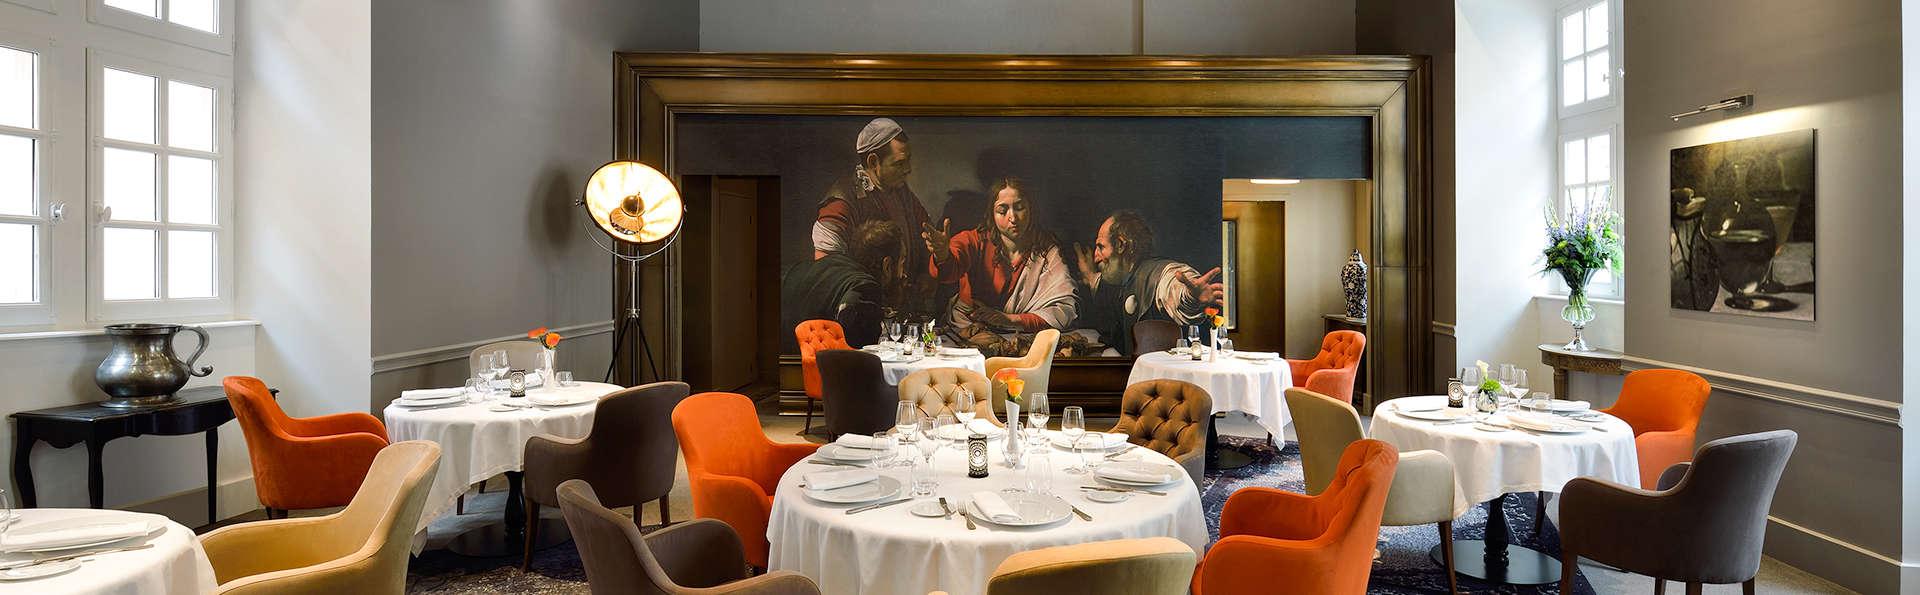 Expérience gourmande dans un hôtel de luxe à Toulouse